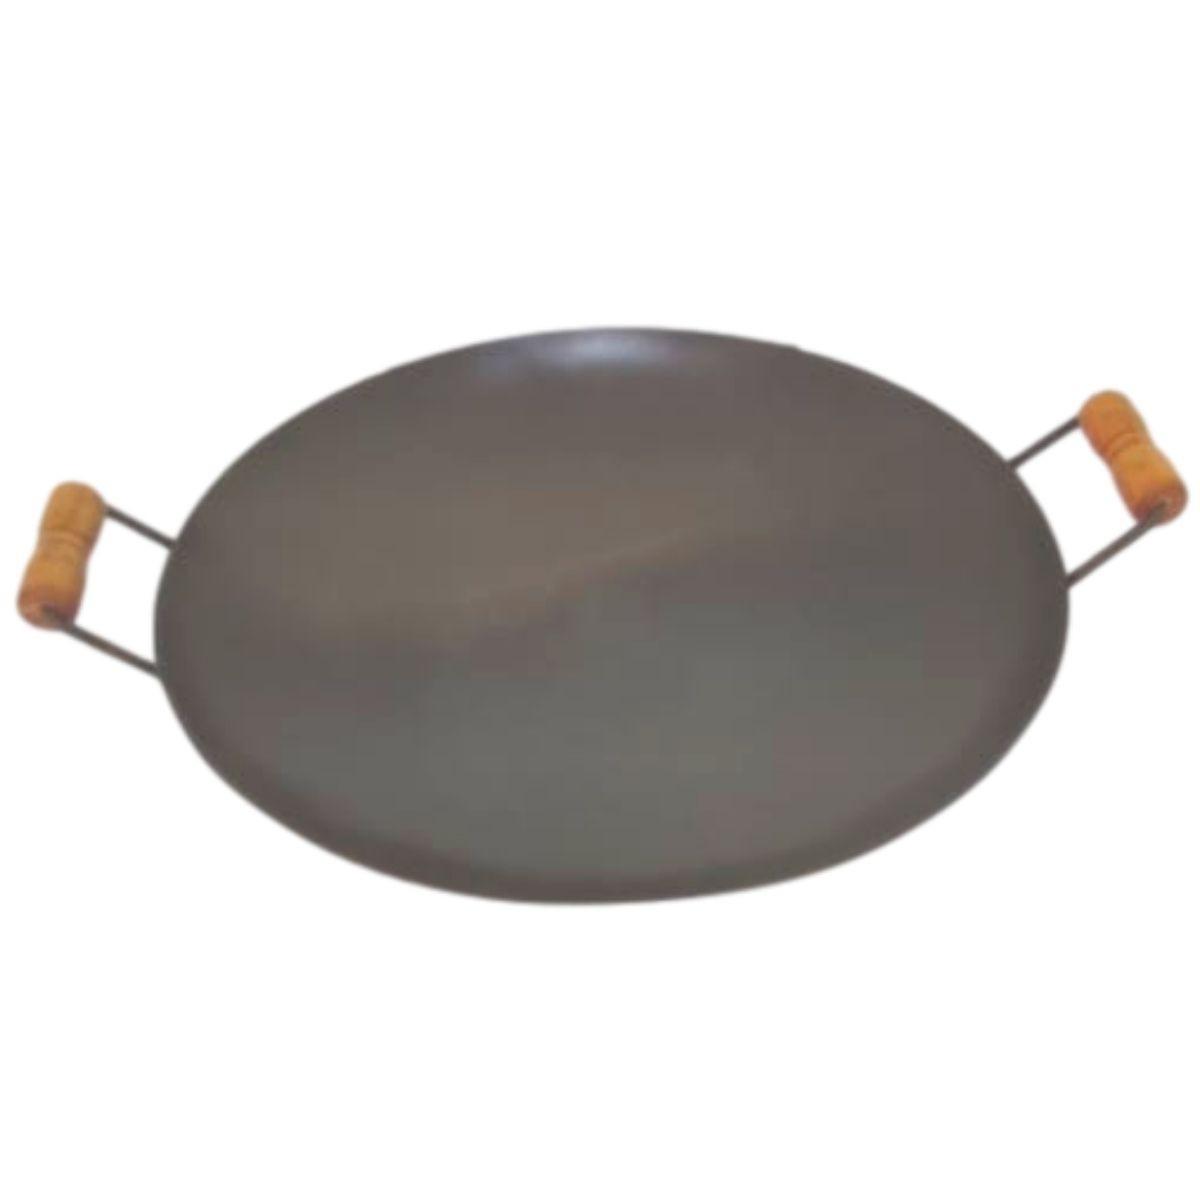 Disco/Chapa de Ferro Fundido GG - 50 cm de Diâmetro